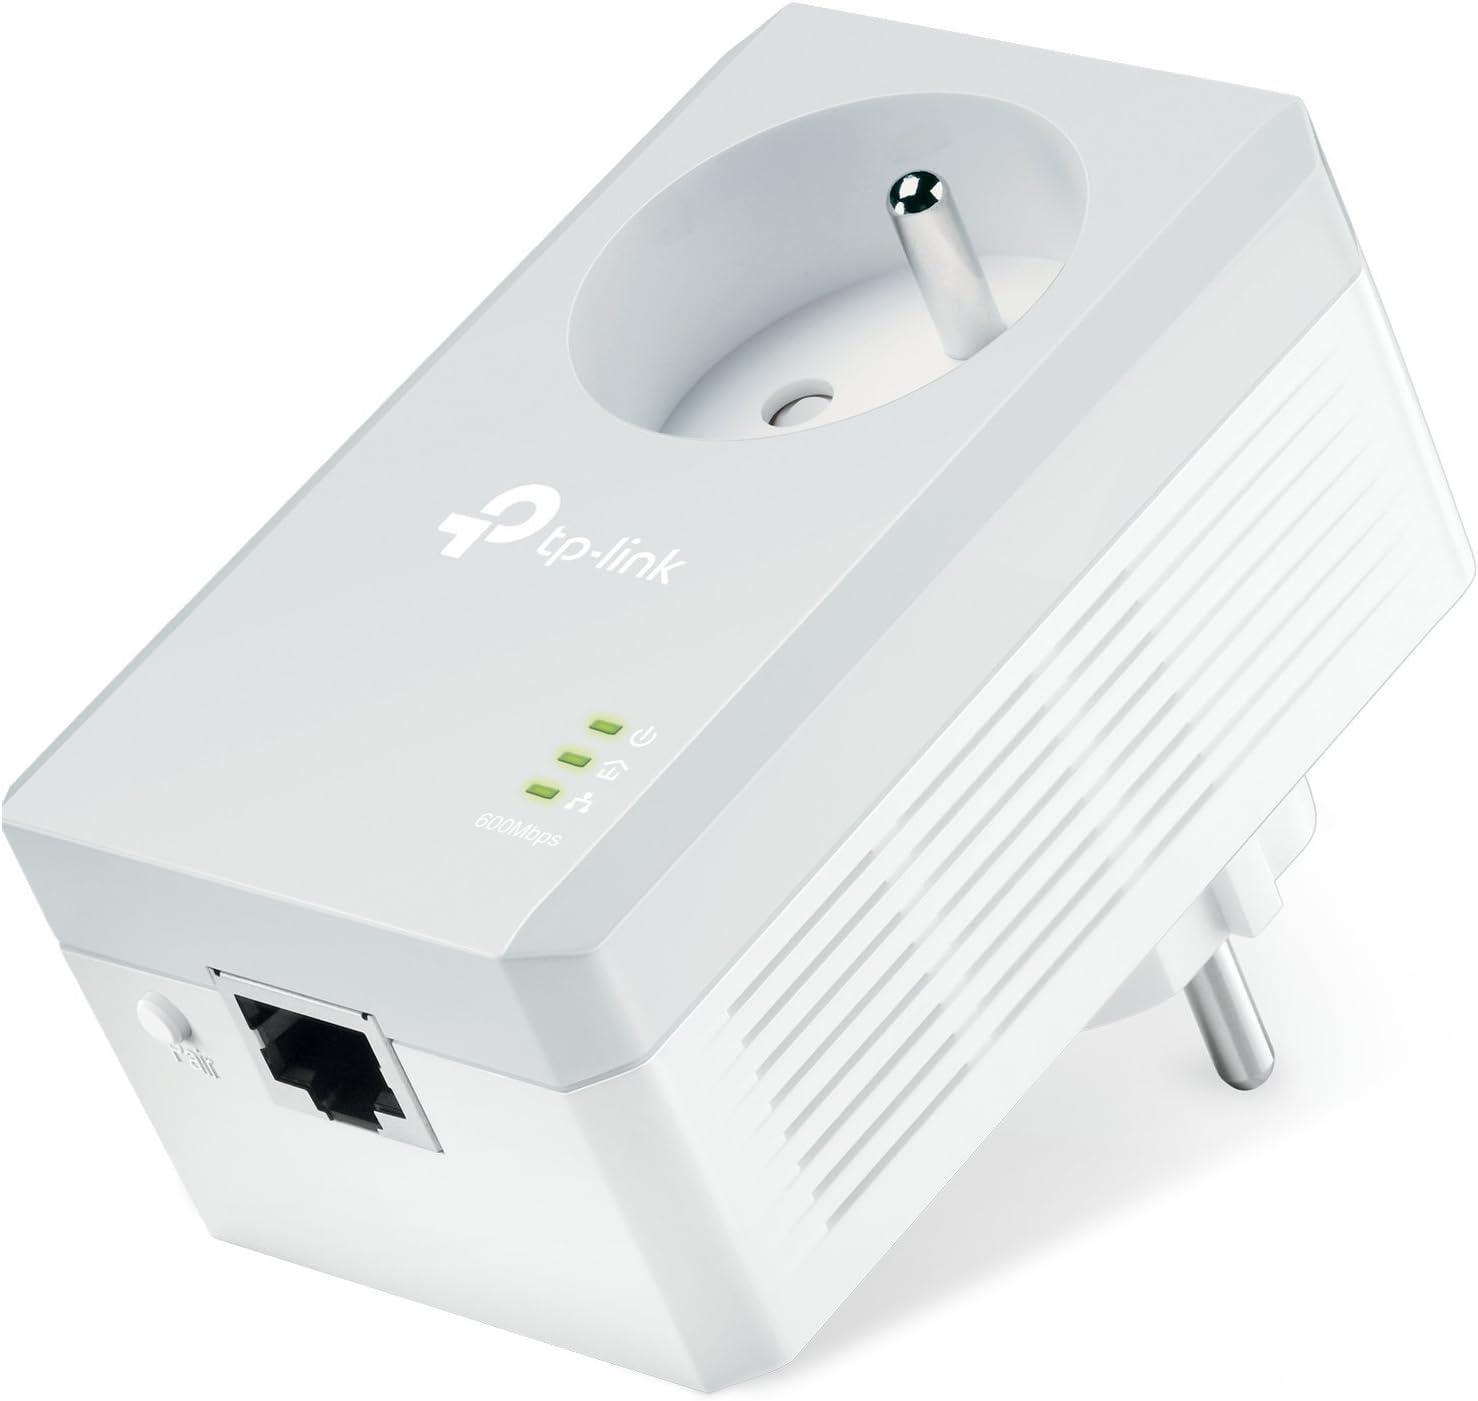 TP-Link TL-PA4015P CPL 600 Mbps Prise Int/égr/ée Version Fran/çaise 1 Port Fast Ethernet